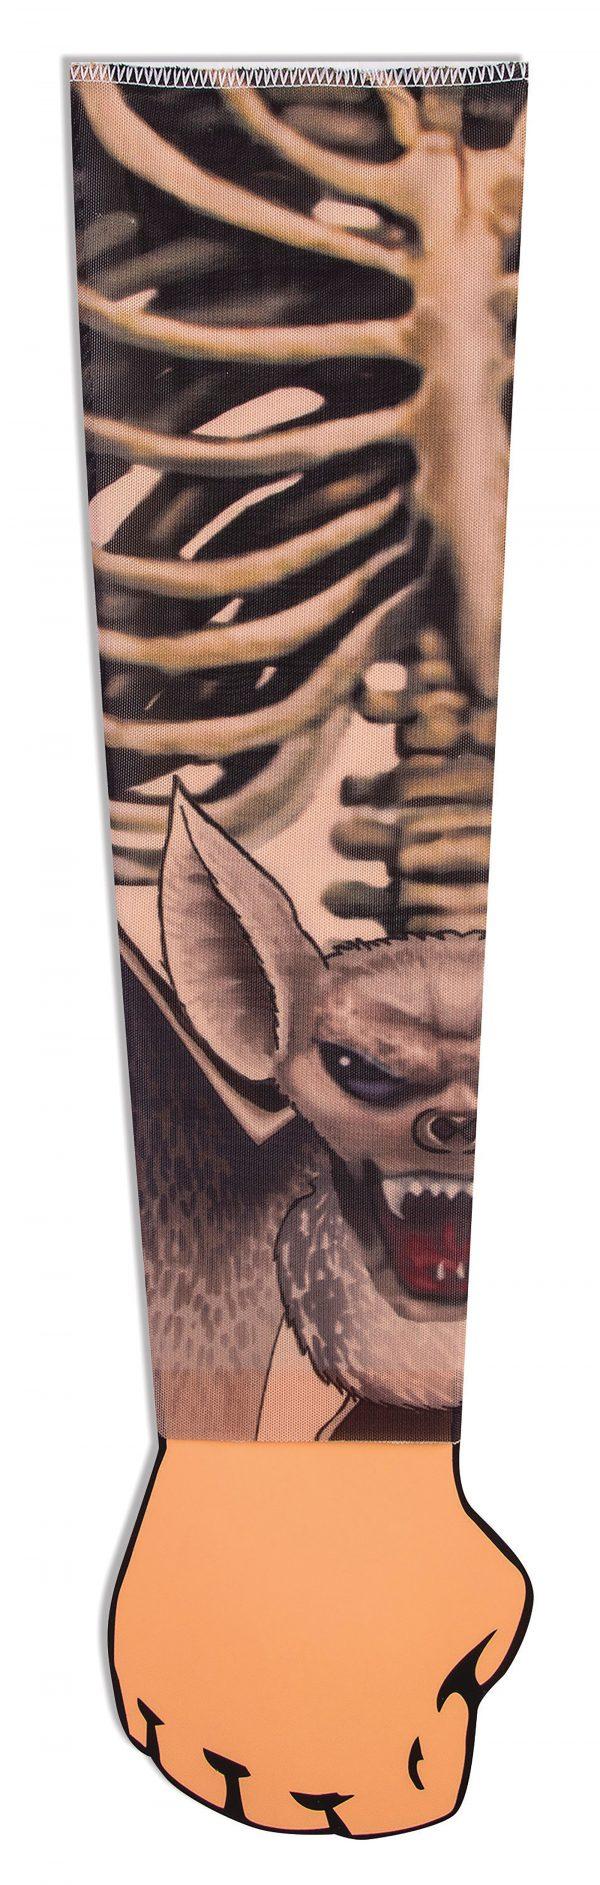 Tattoo sleeve - skeleton